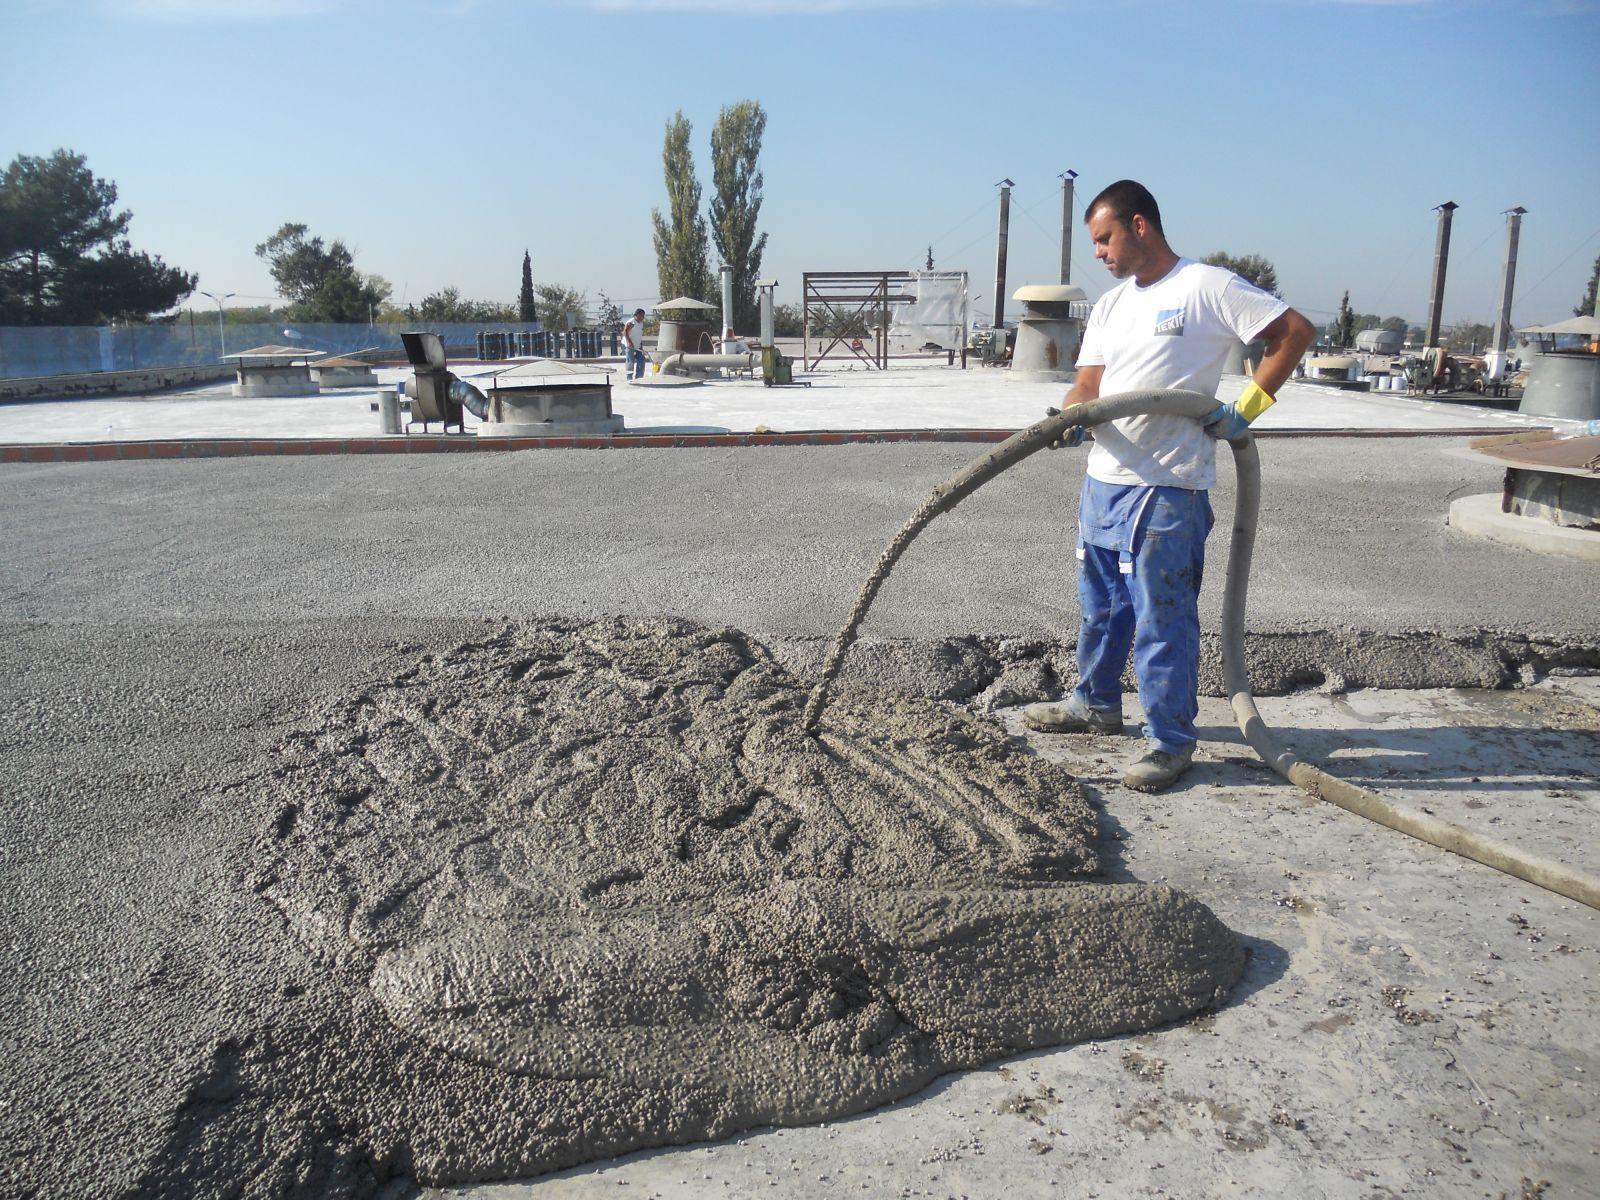 Θερμομονωση δώματος με το Politerm Blu στην Crown Hellas Can στην ΒΙΠΕ Σίνδου επιφάνειας 5.000sqm. Συνολικά 1.000 κυβικά